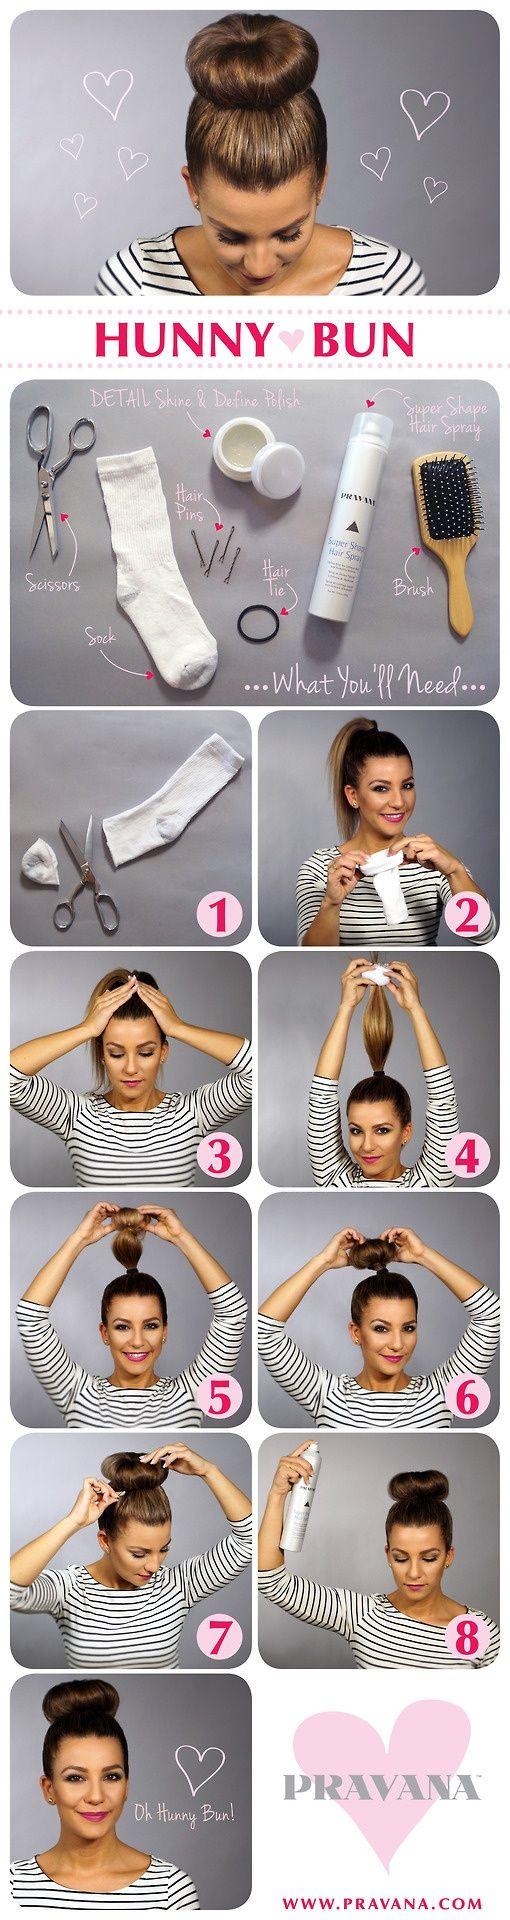 16. Si tenés poco tiempo, pero querés hacerte un rodete muy prolijo, podés probar este tutorial: